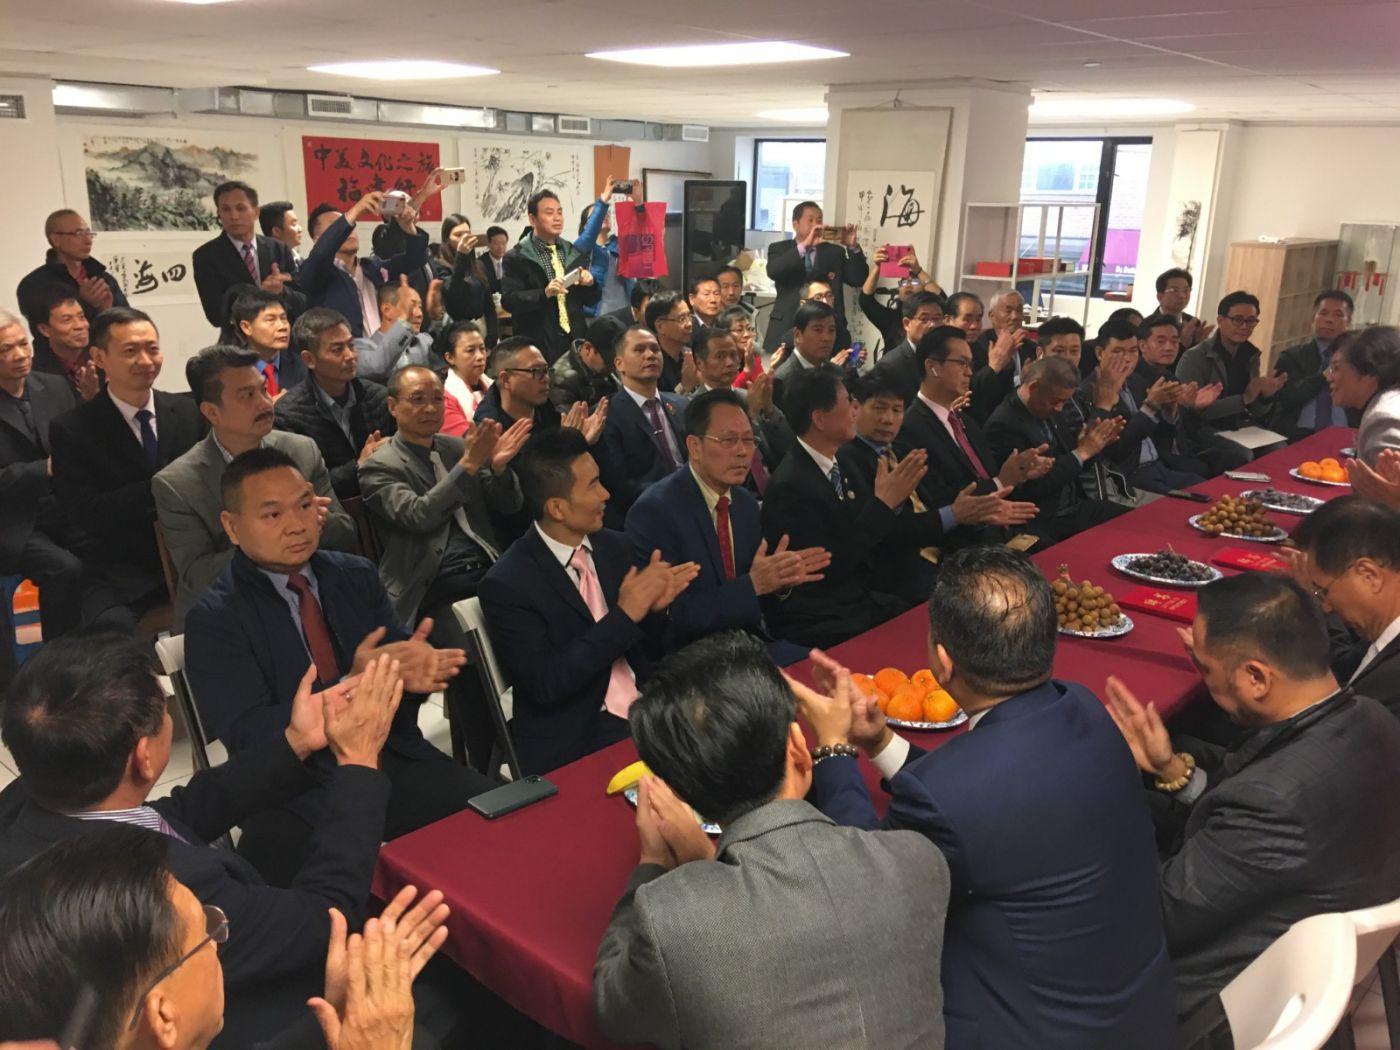 美国福建华人联合会欢迎福州市侨联主席蓝桂兰访美代表团一行 ... ..._图1-5